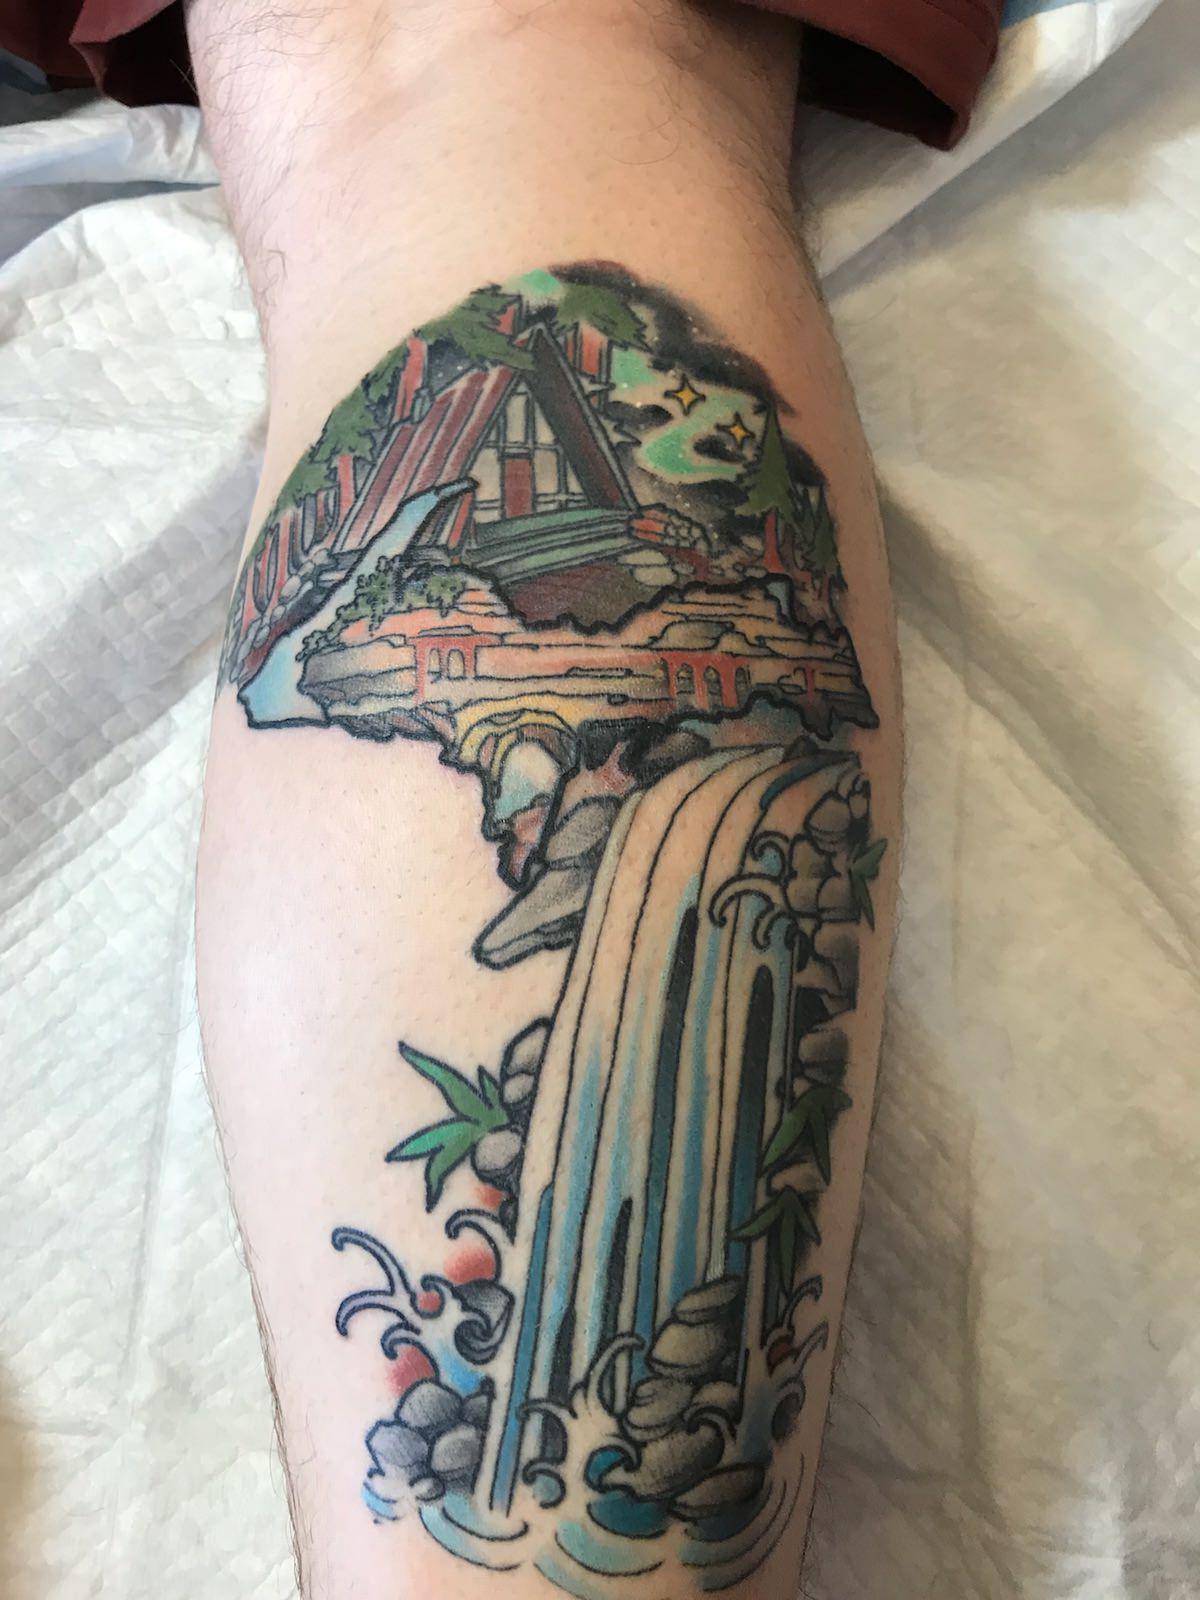 Pin by Alec Firack on New tattoo ideas | Tattoos, Tattoo designs ...